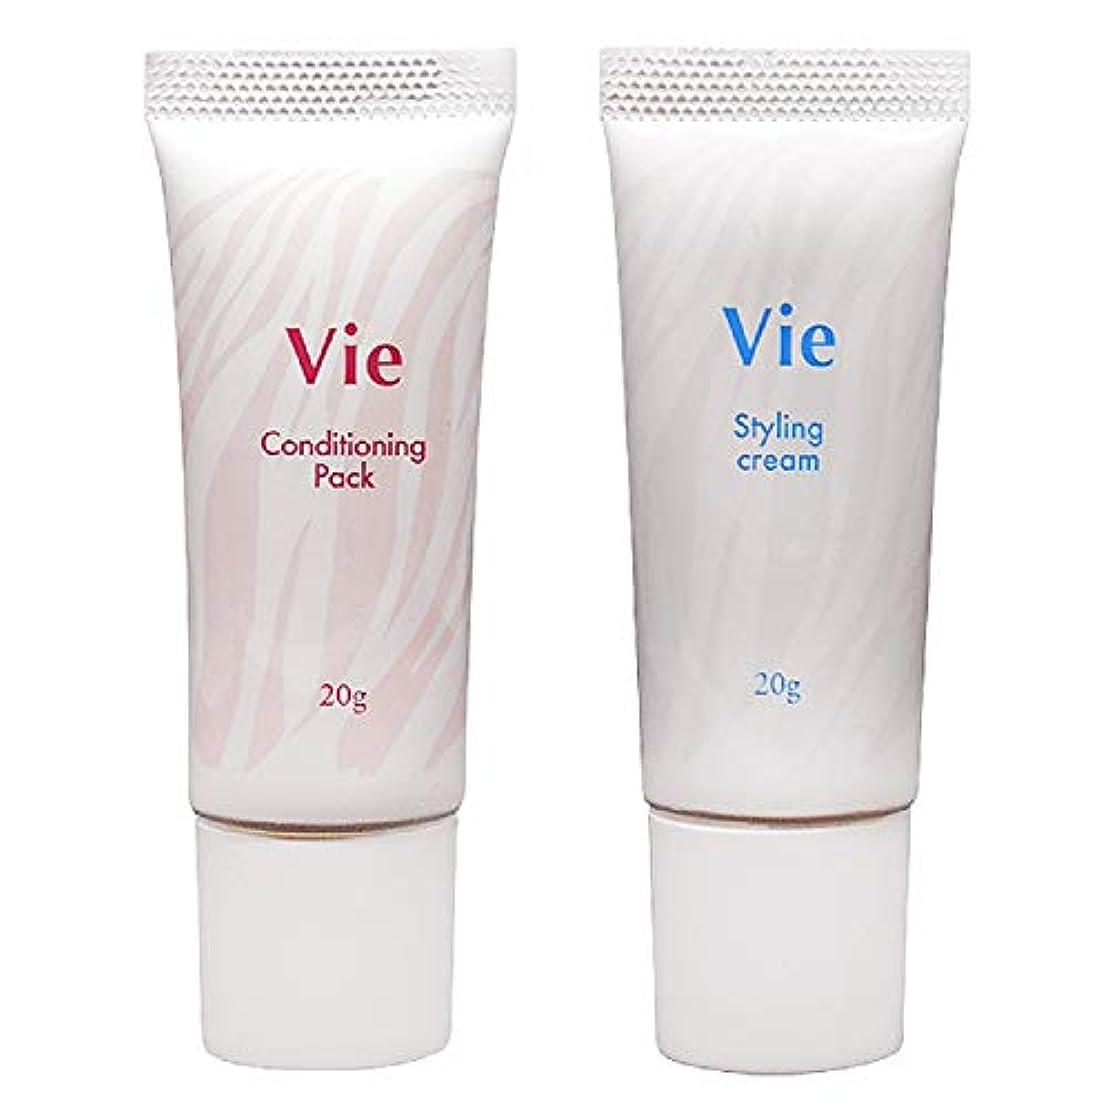 機関リーン特徴づけるVie コンディショニングパック 20g + スタイリングクリーム20g セット